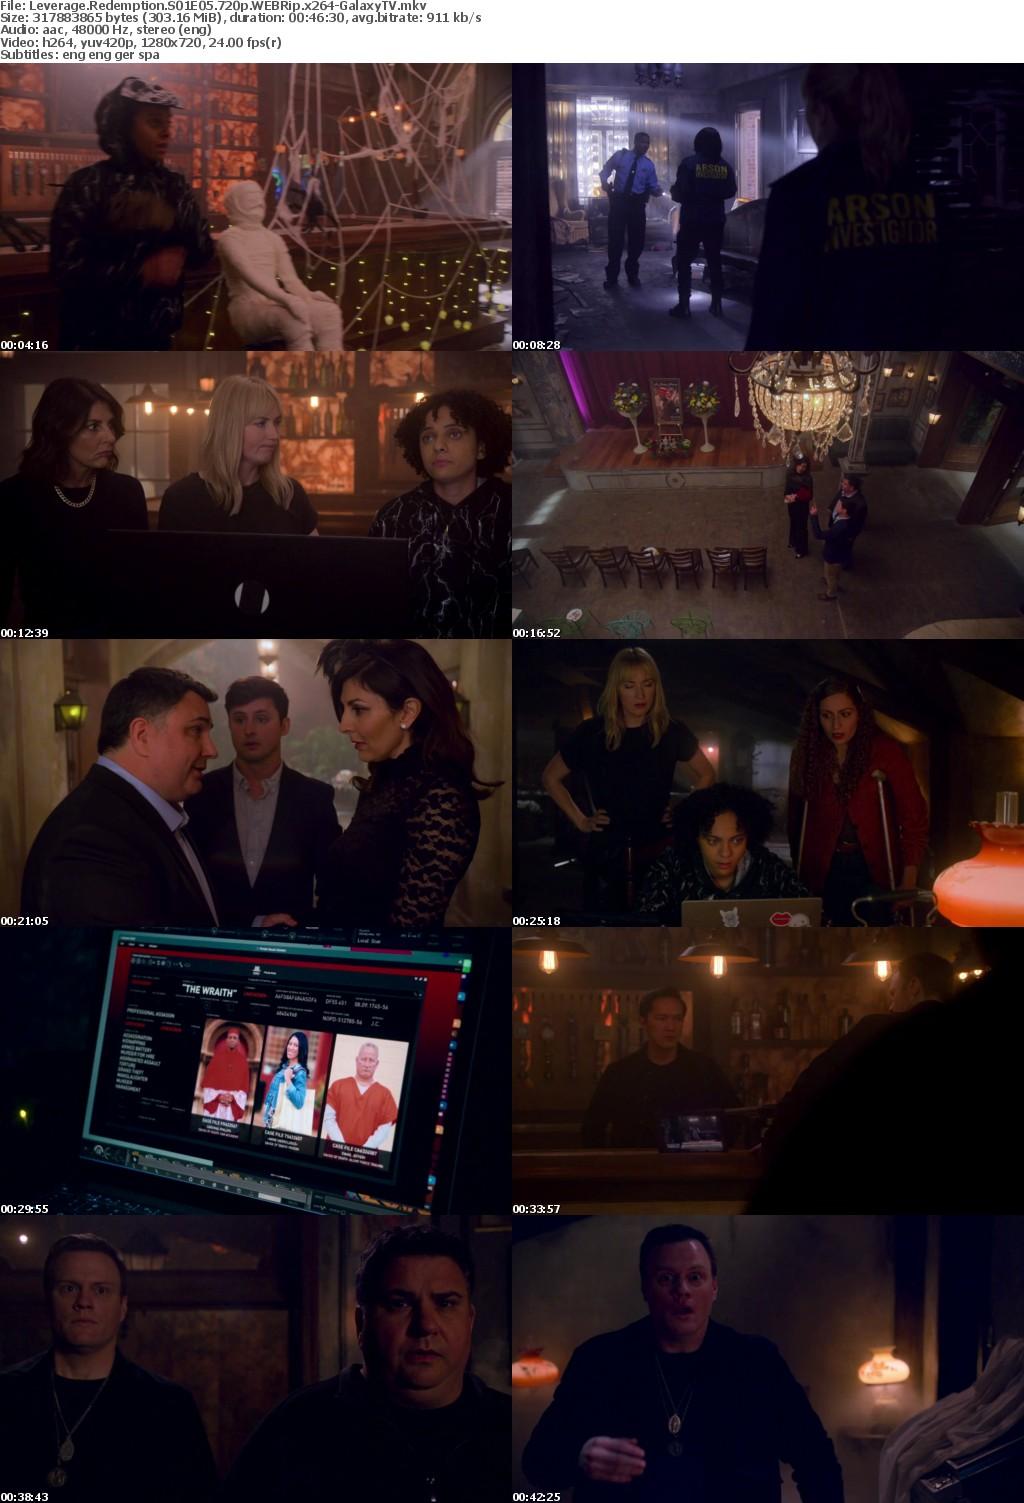 Leverage Redemption S01 COMPLETE 720p WEBRip x264-GalaxyTV